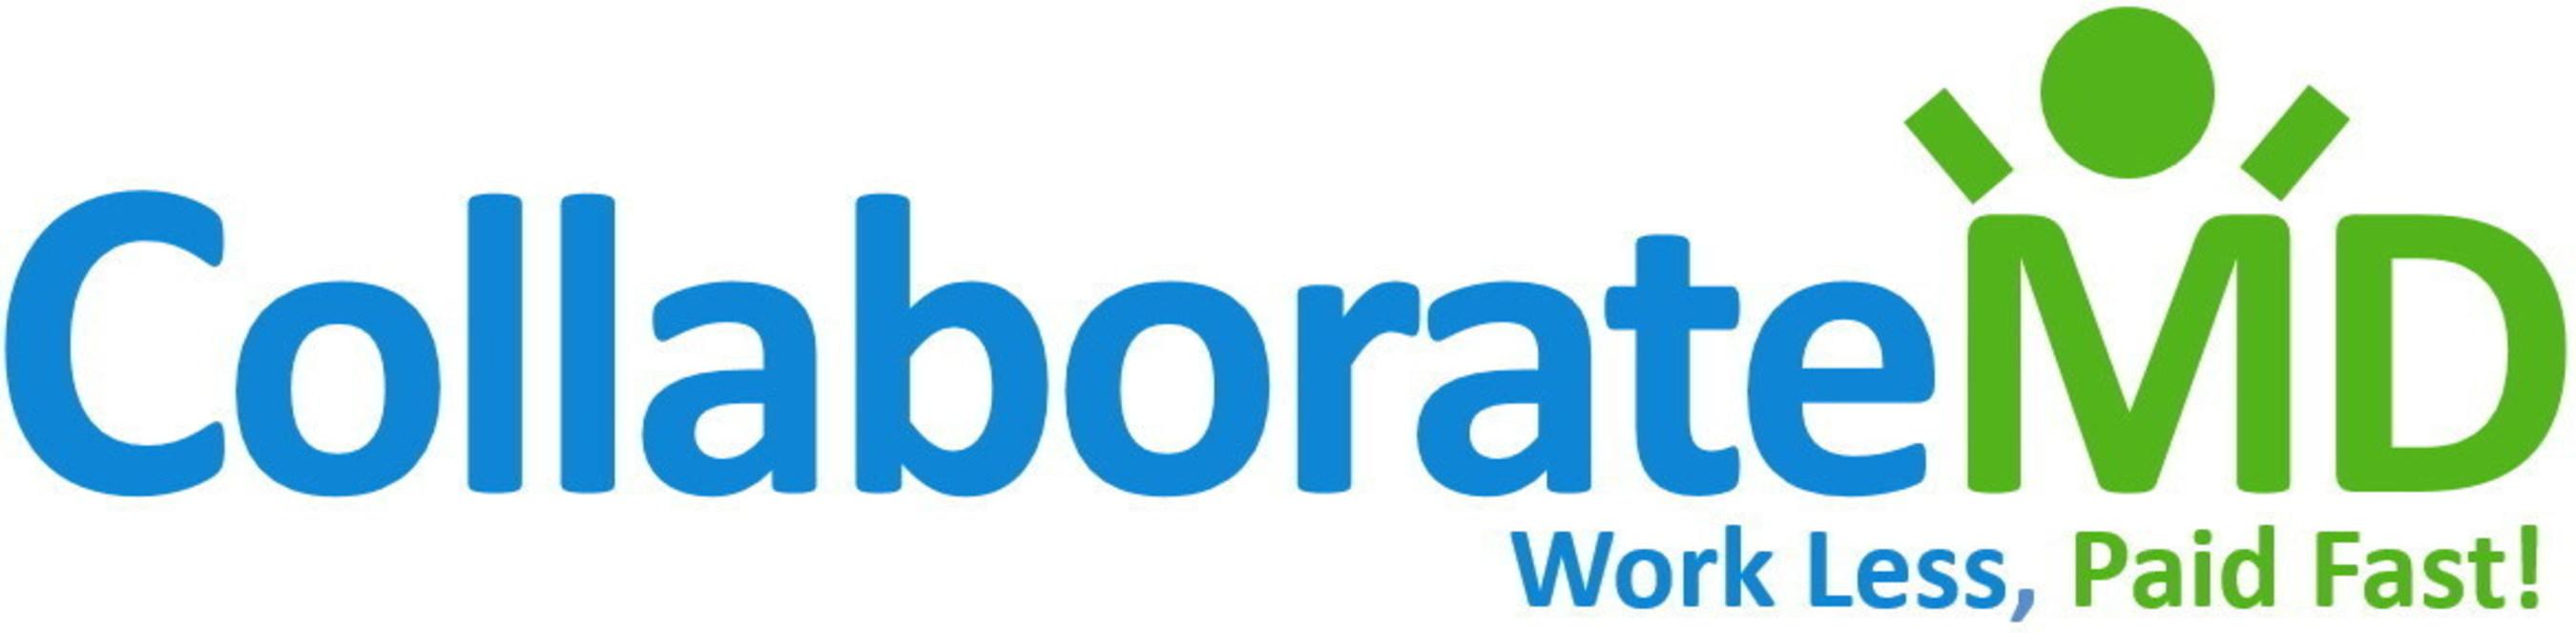 CollaborateMD Logo (PRNewsFoto/CollaborateMD)